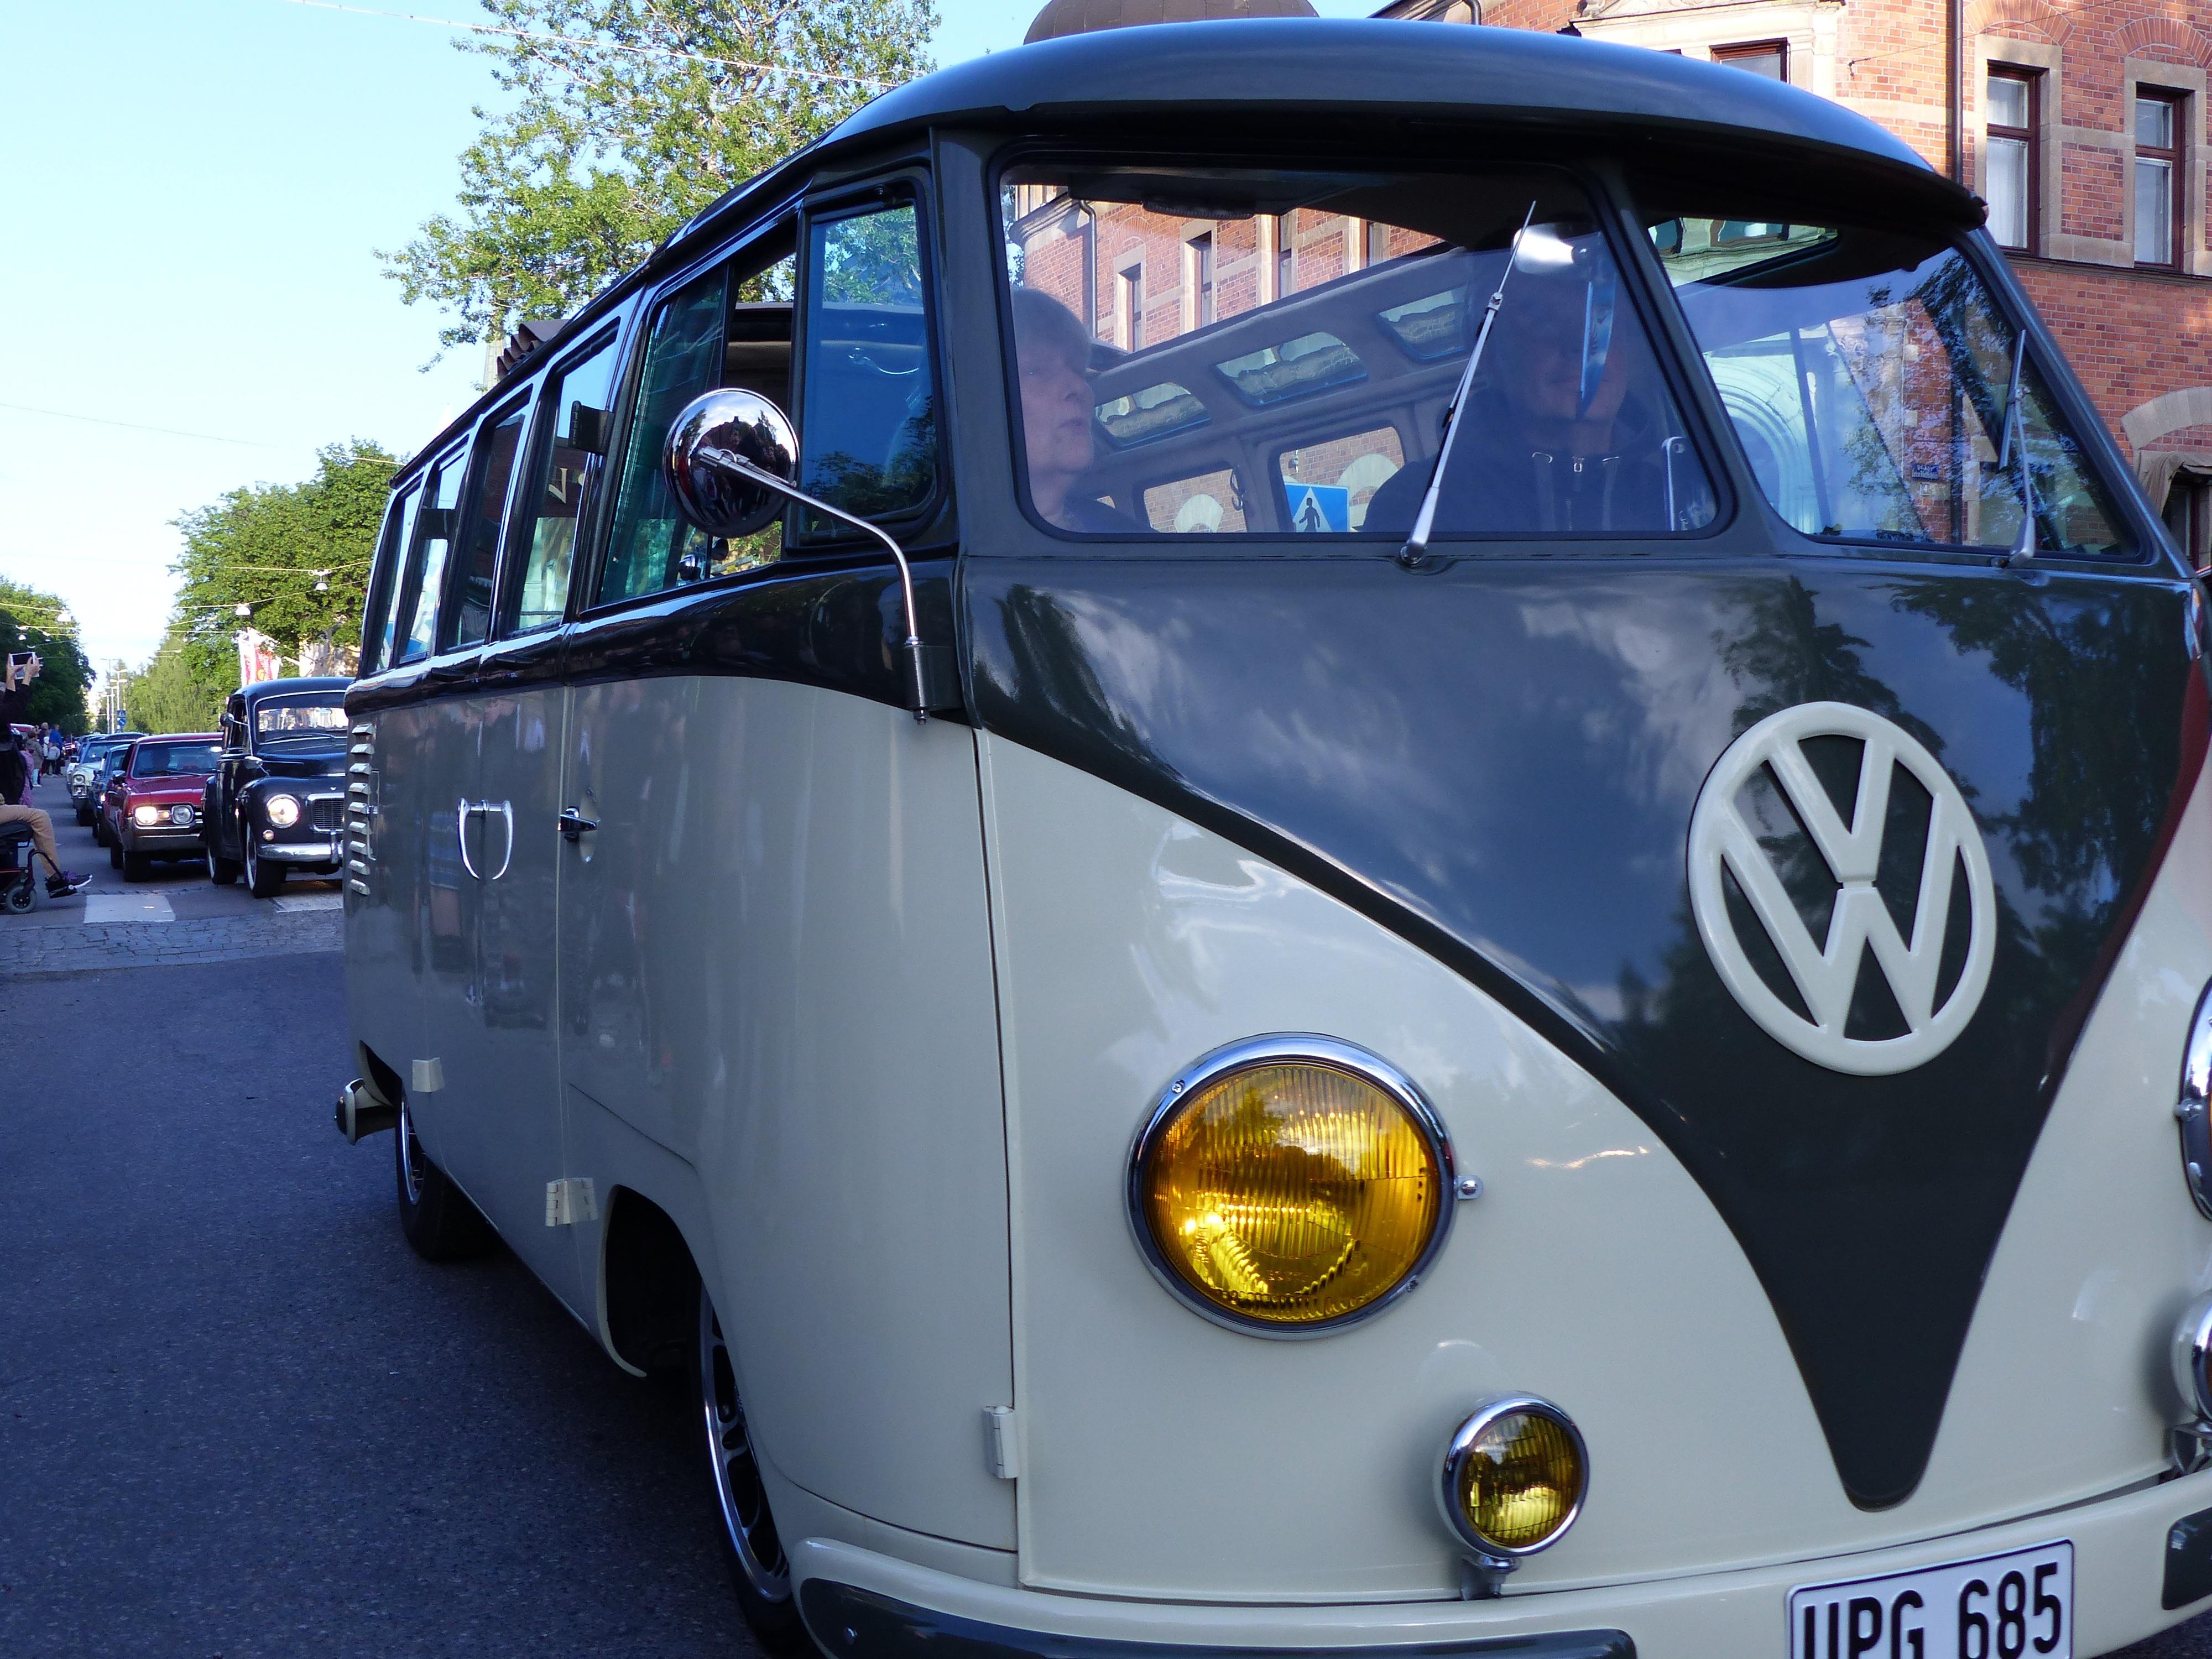 Free Images : wheel, van, vw bus, classic car, motor vehicle, vintage car, cars, wheels, ume ...